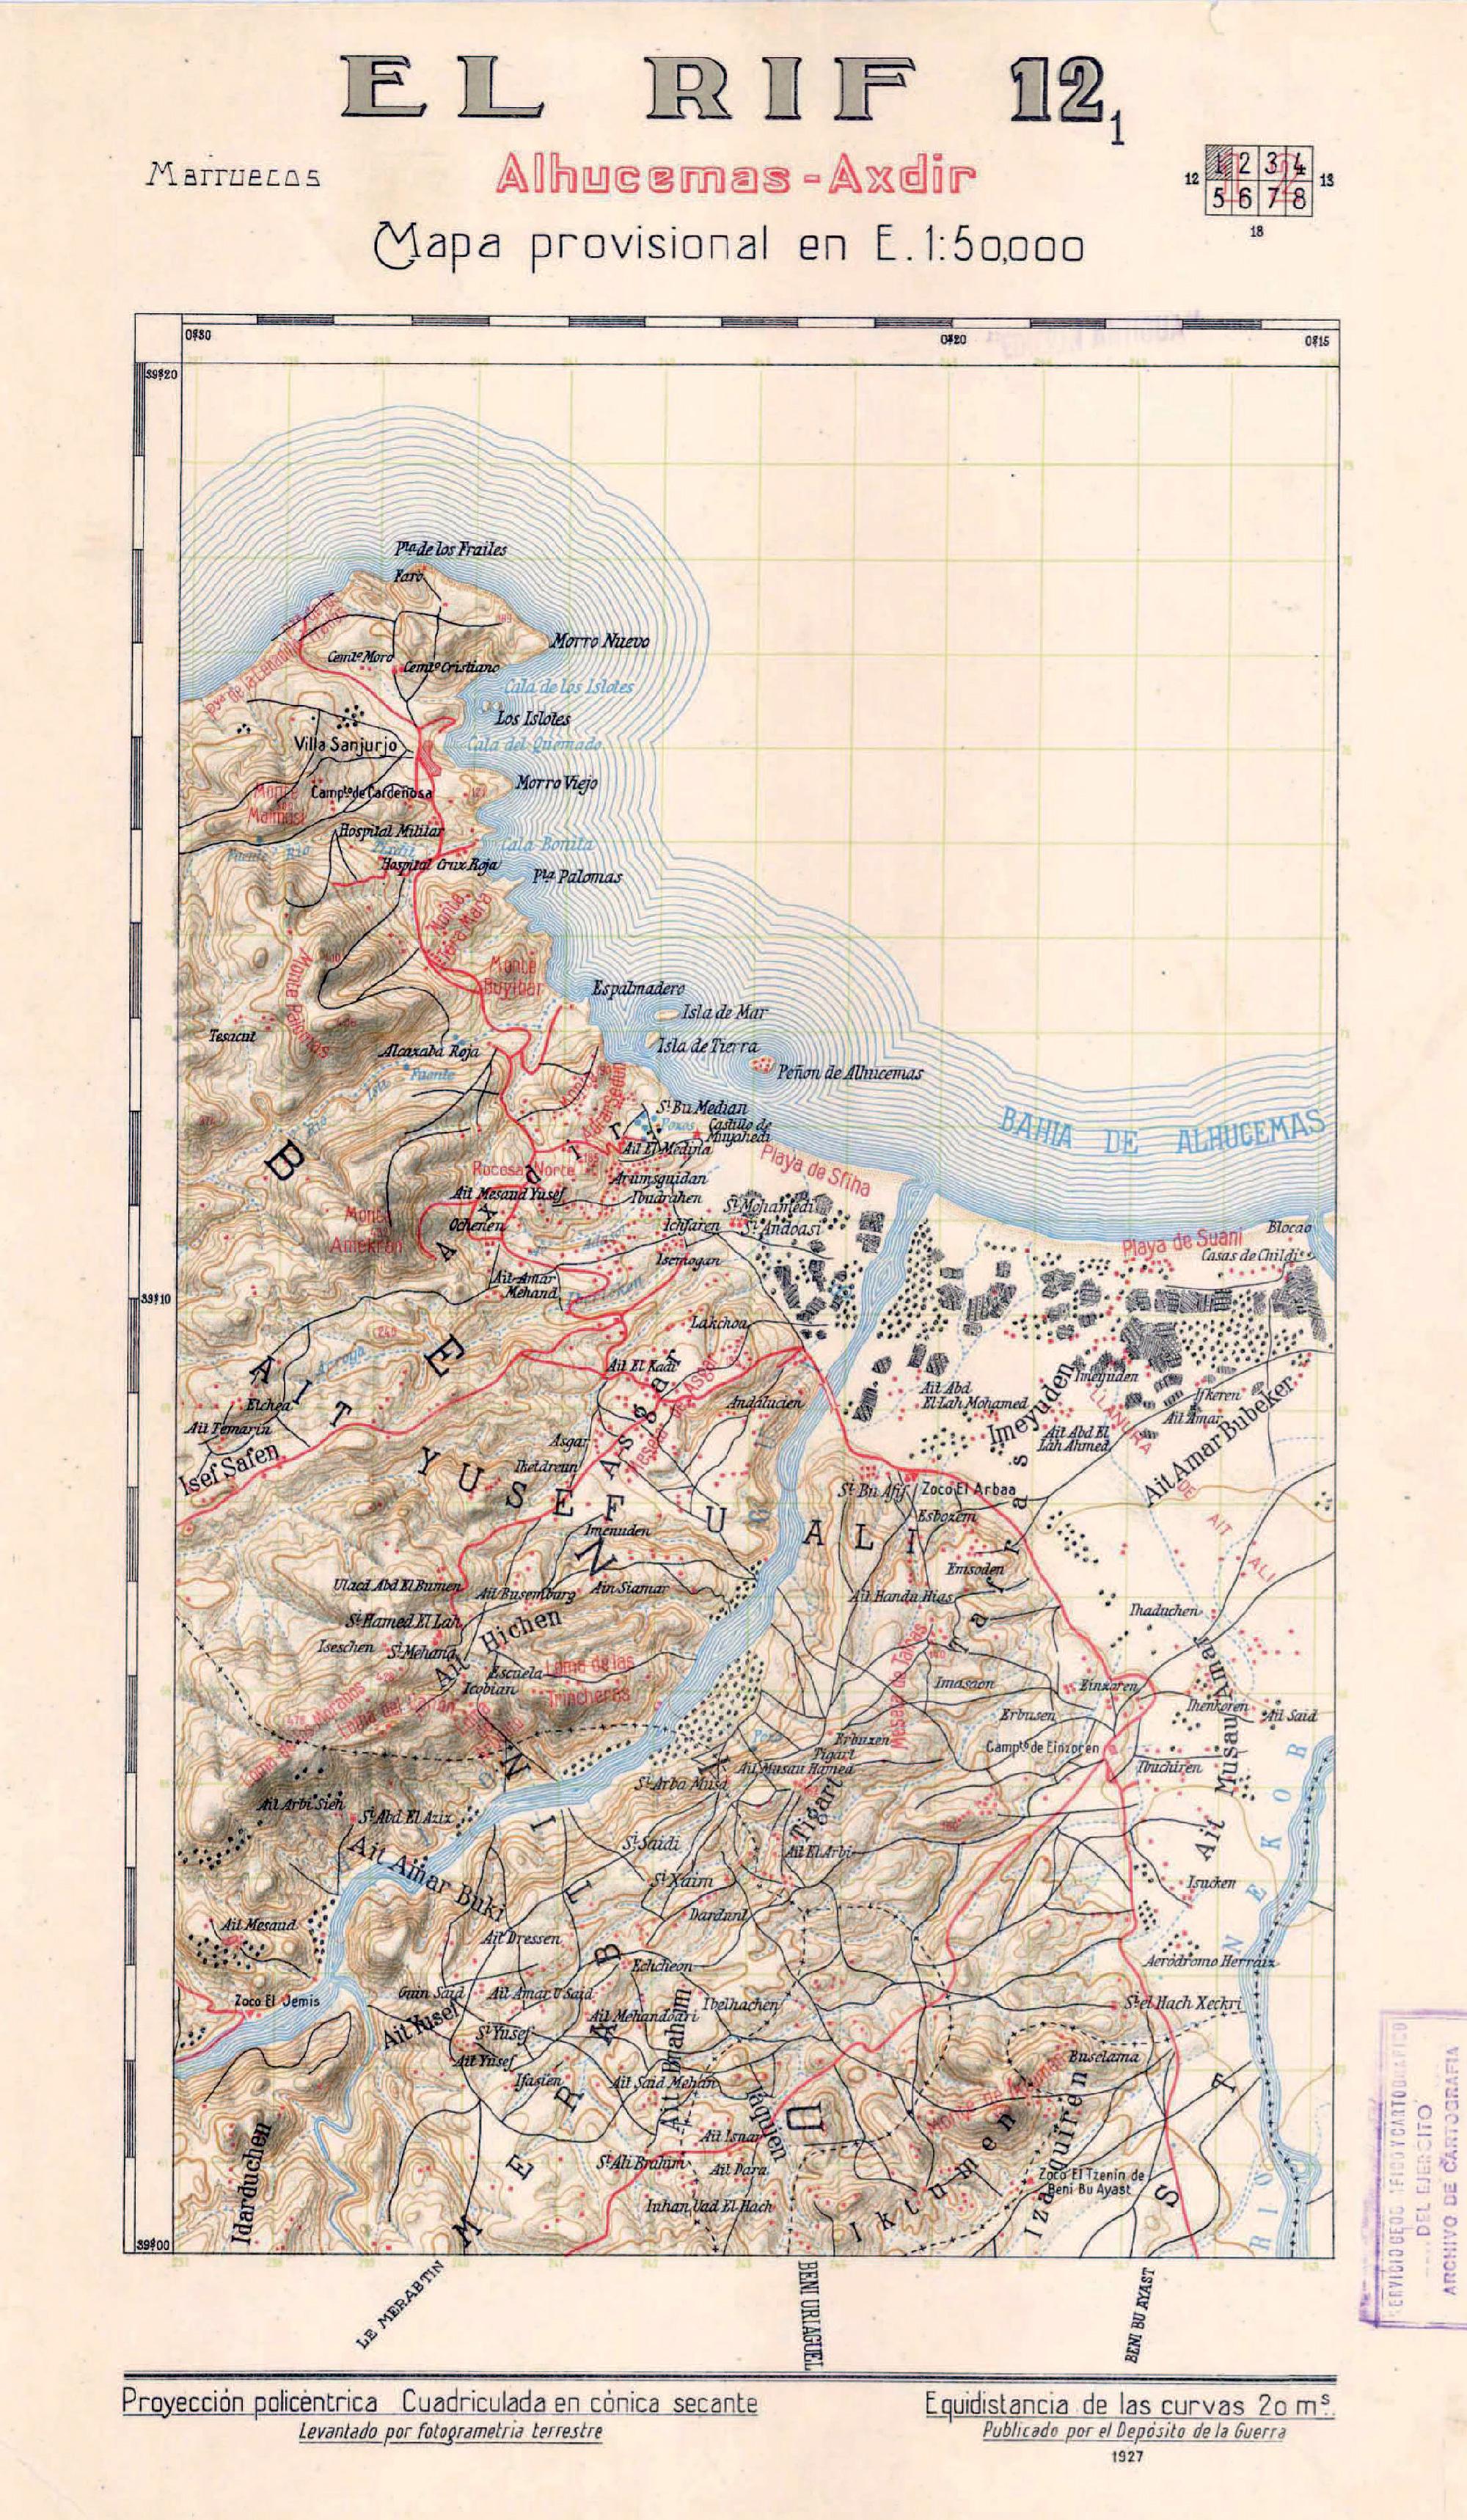 Cartina Geografica Fisica Del Marocco.Gli Itinerari Terrestri Della Regione Del Rif Marocco Settentrionale Tra L Antichita E Il Medioevo Un Ipotesi Di Lavoro In Base Ai Documenti Geografici Di Eta Moderna